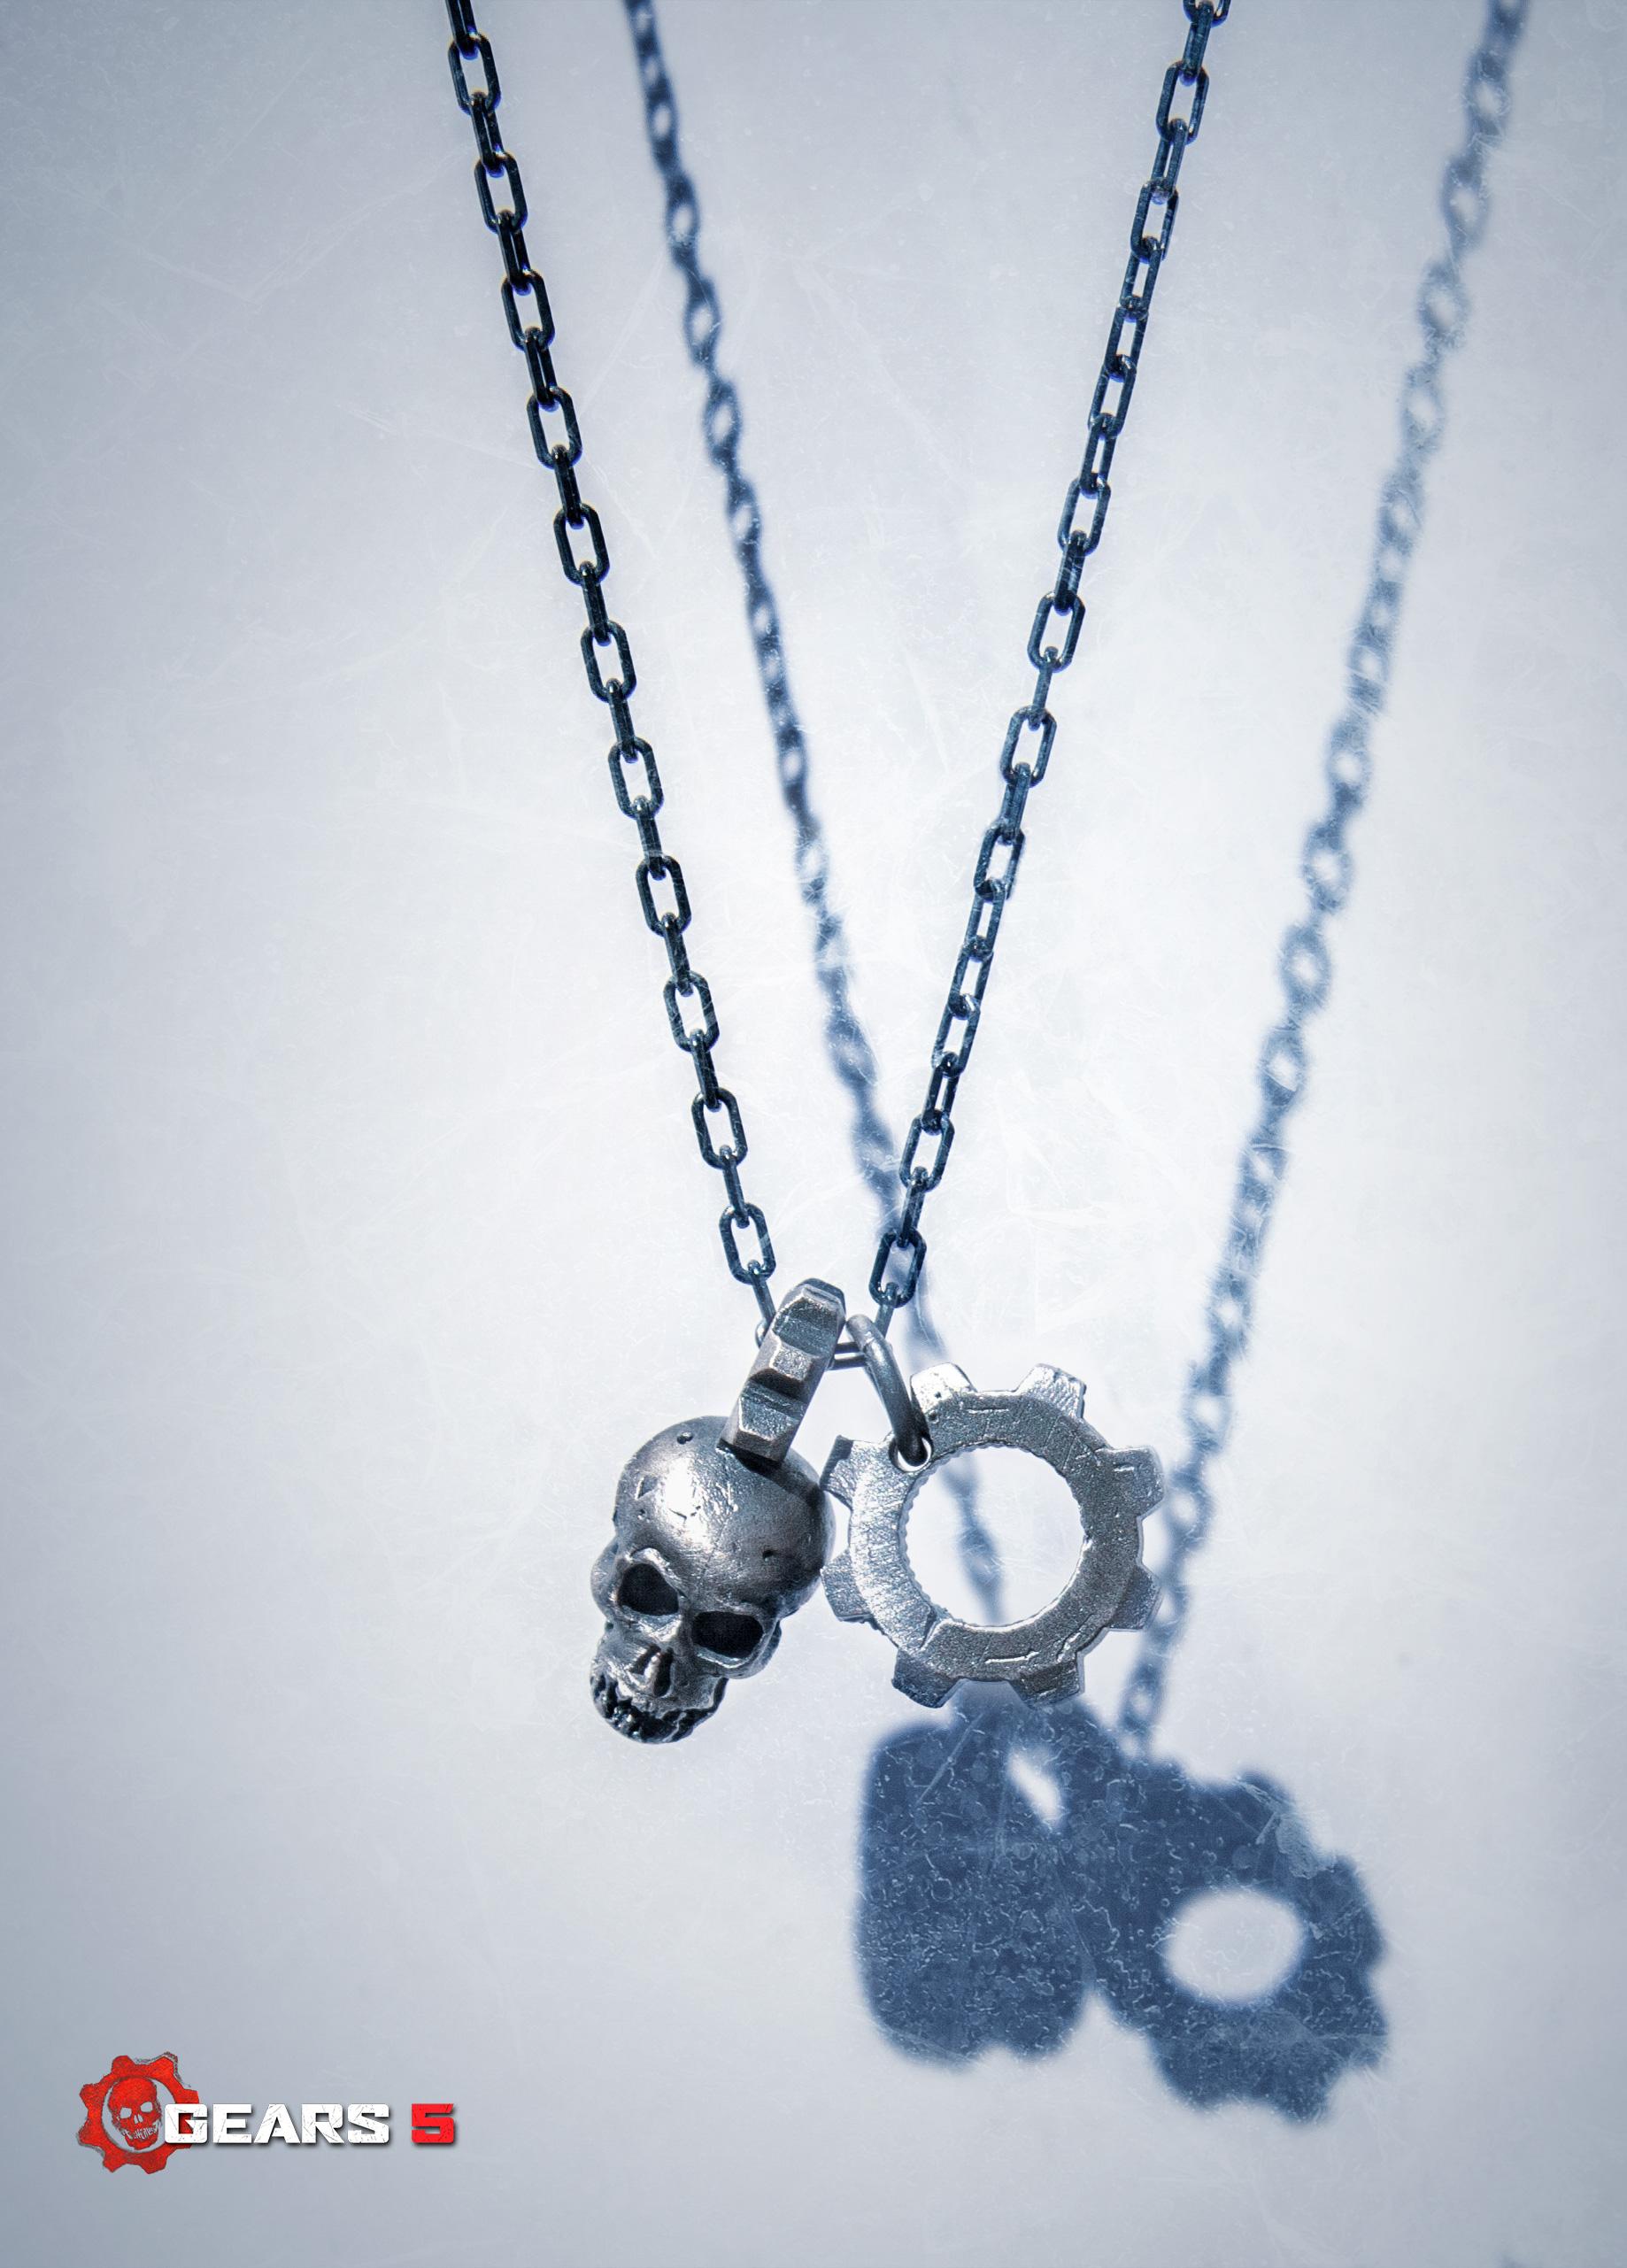 Gears 5 Jewellery - Pendant Necklace